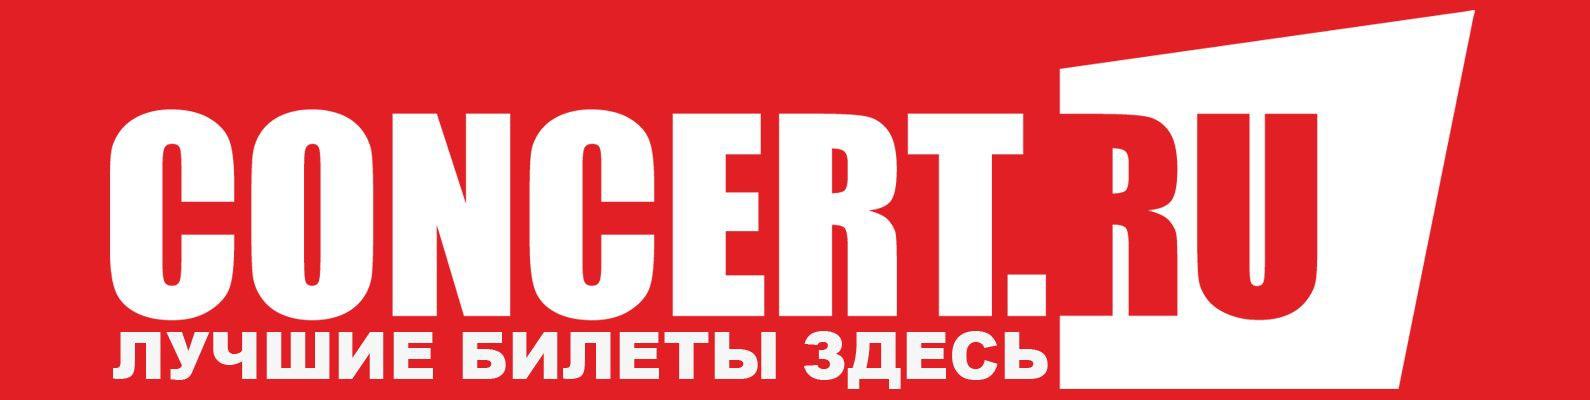 Купить билеты на концерт цветной бульвар музей а с пушкина в москве стоимость билетов